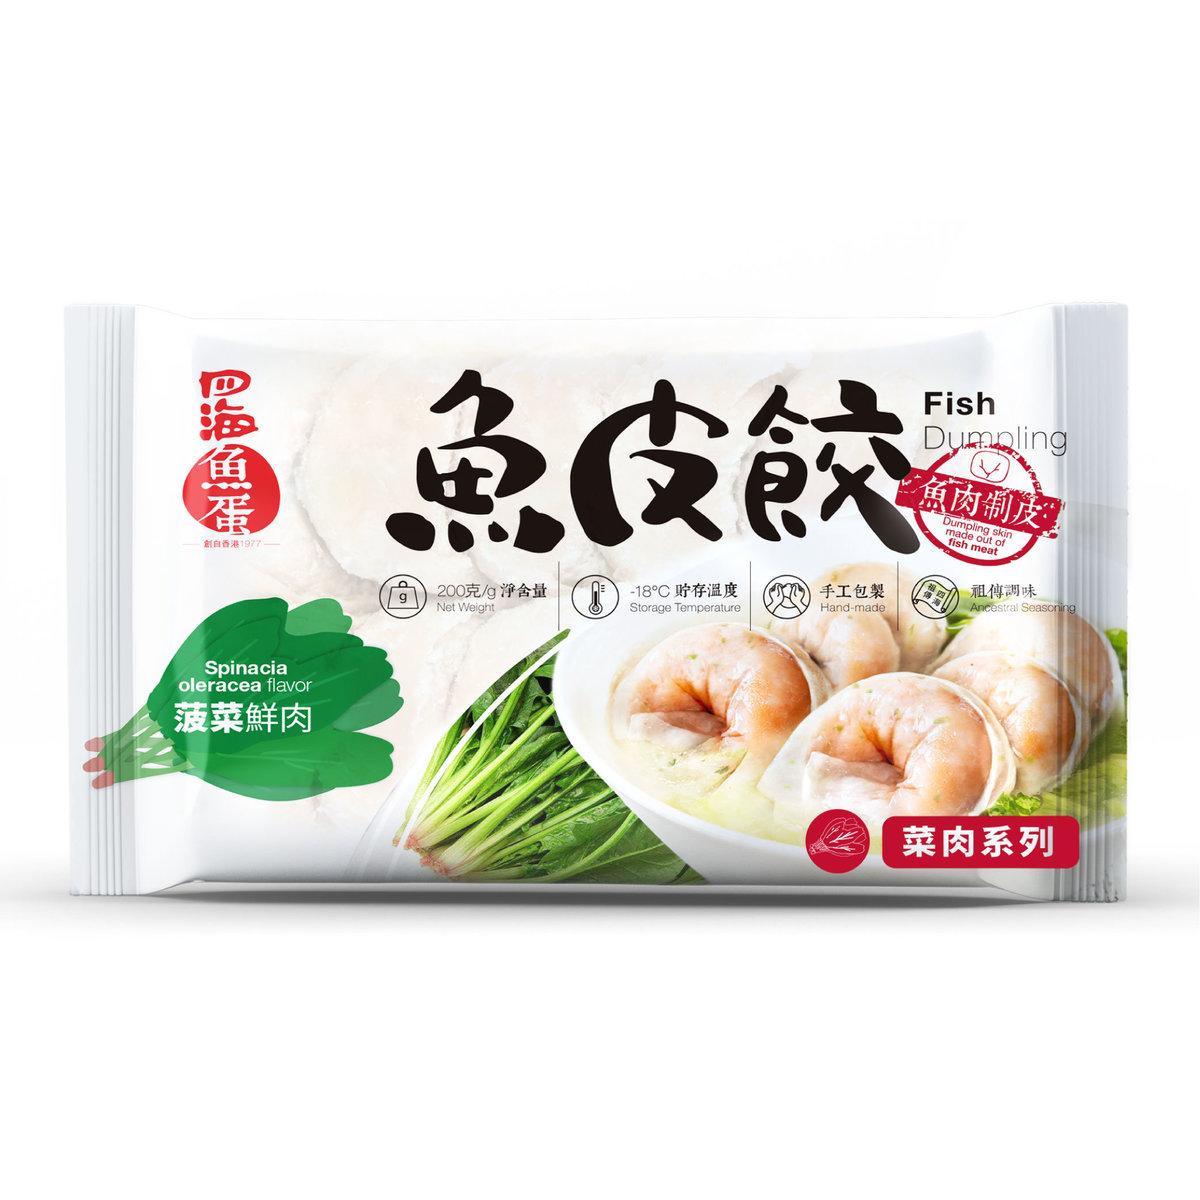 菠菜鮮肉魚皮餃125g(急凍)